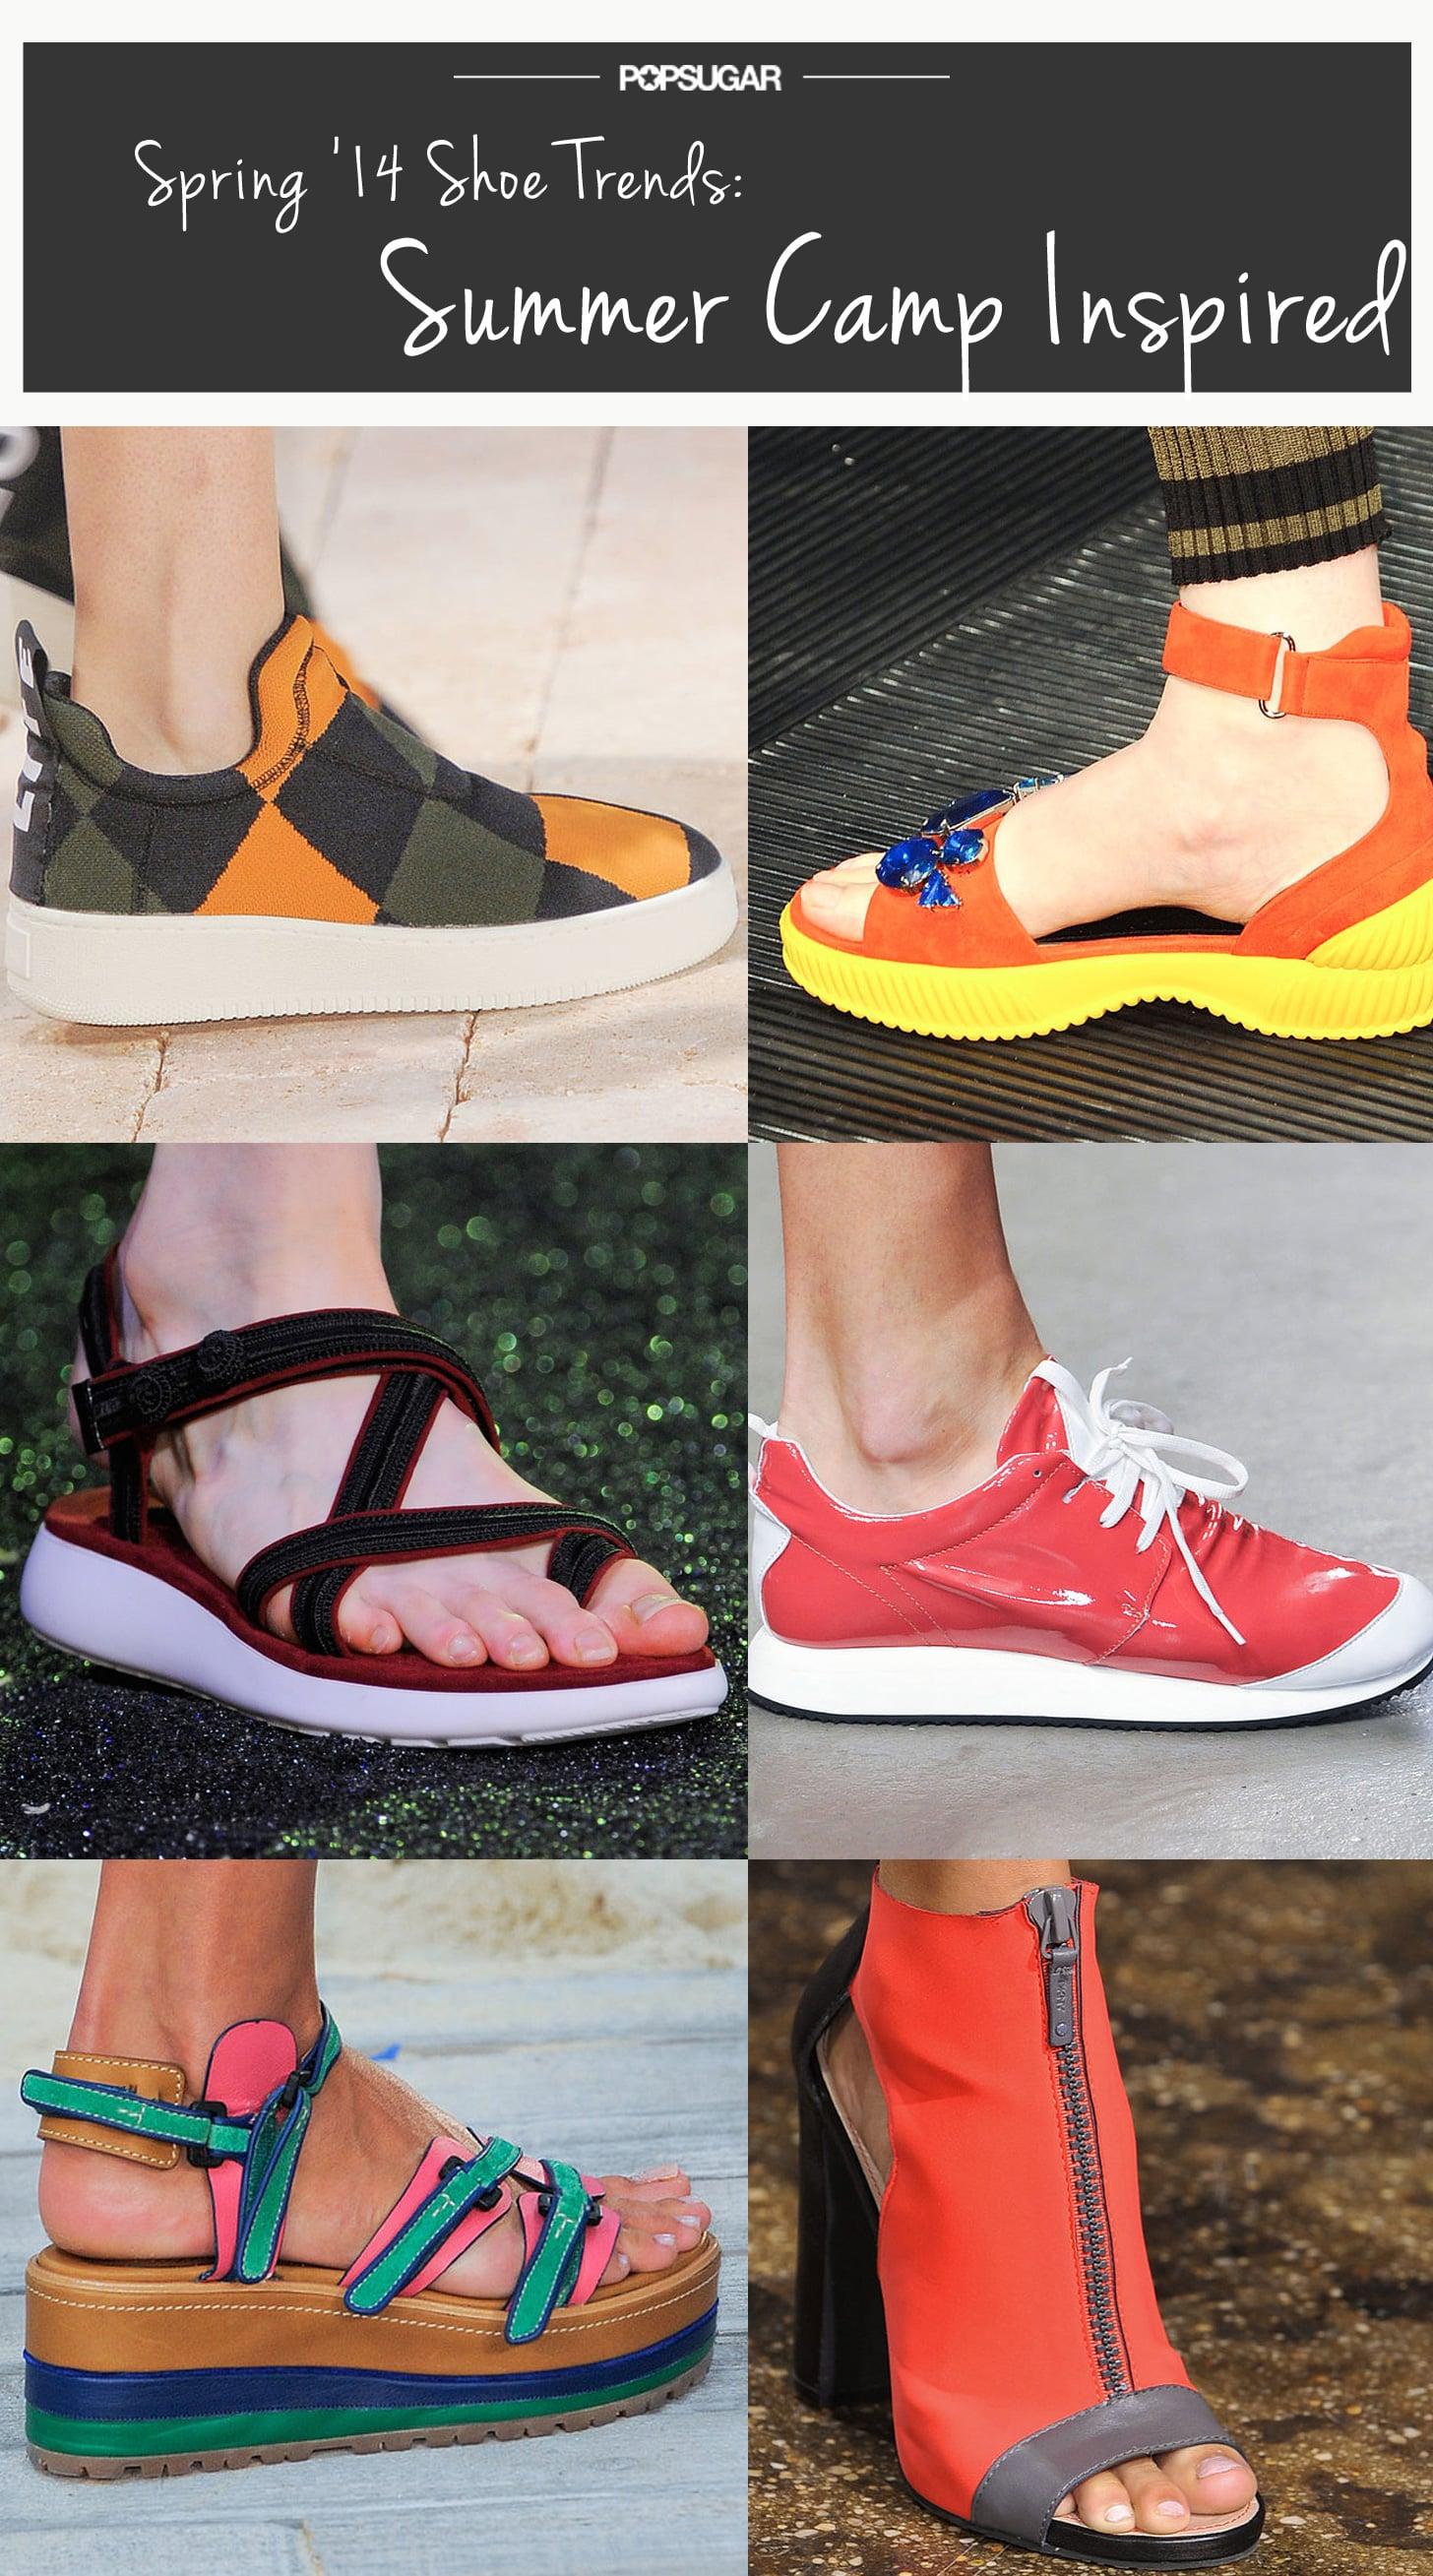 Spring Shoe Trend #5: Summer Camp